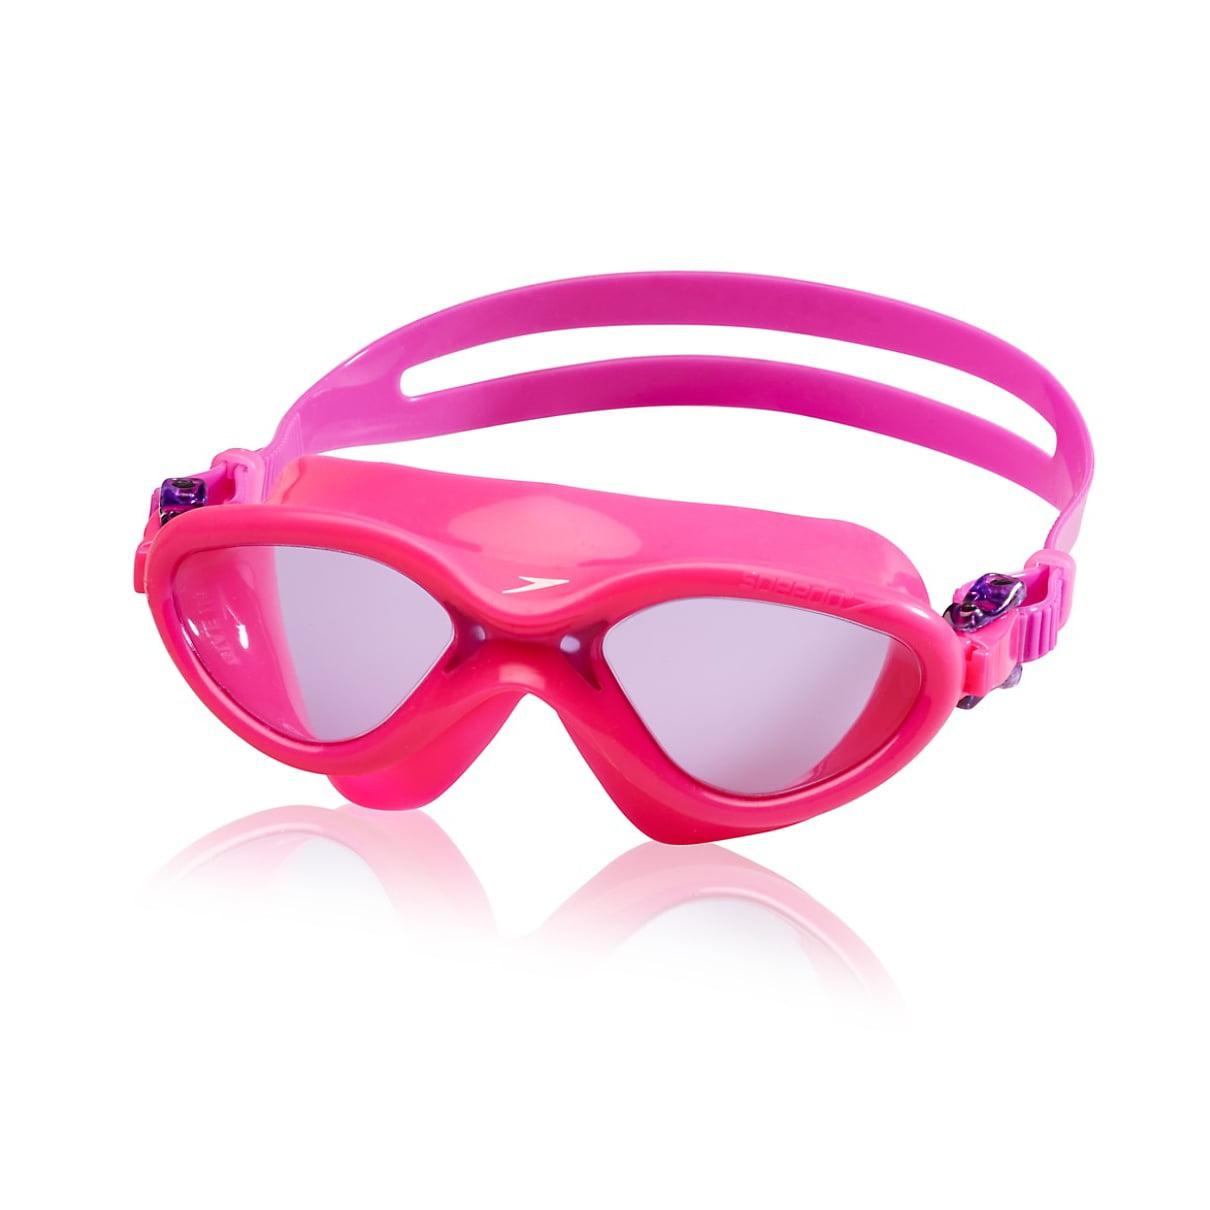 Speedo Kids Hydrospex Classic Swim Mask Kids Swim Mask Pink by Speedo